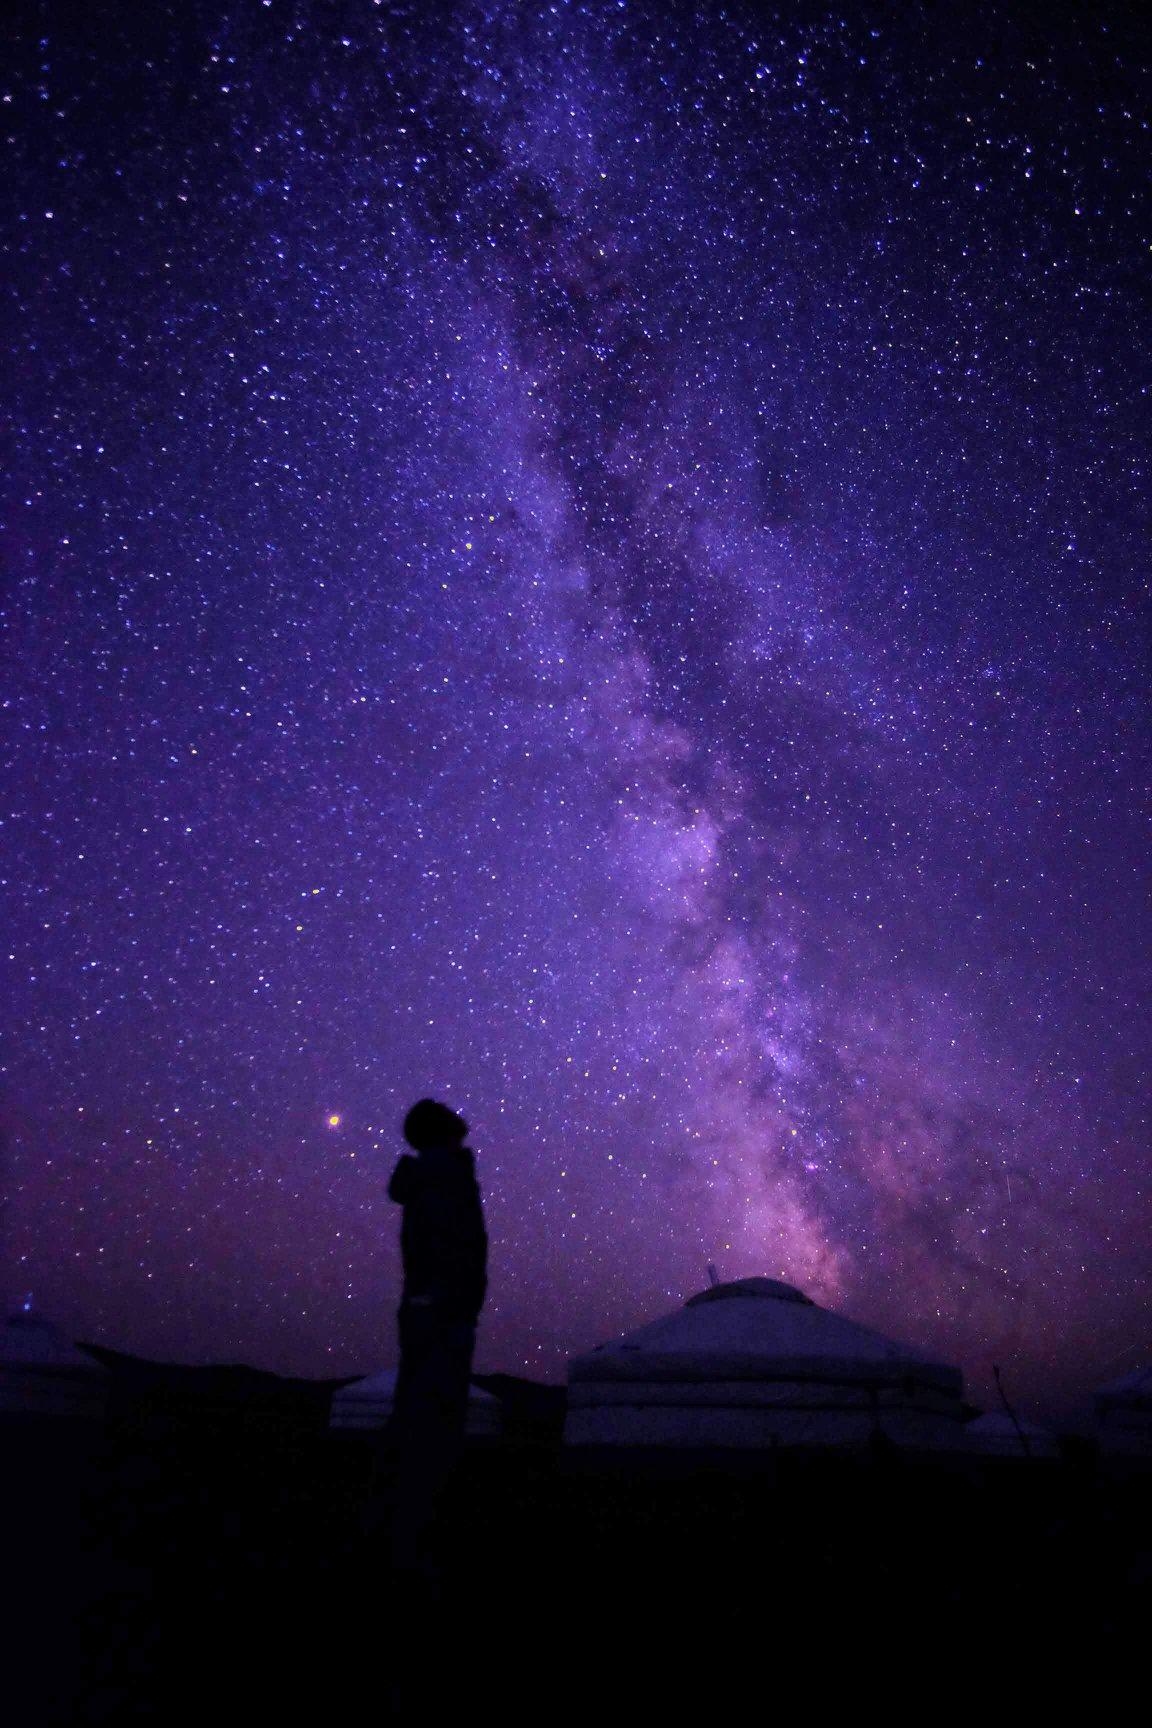 モンゴル星空観察ツアー